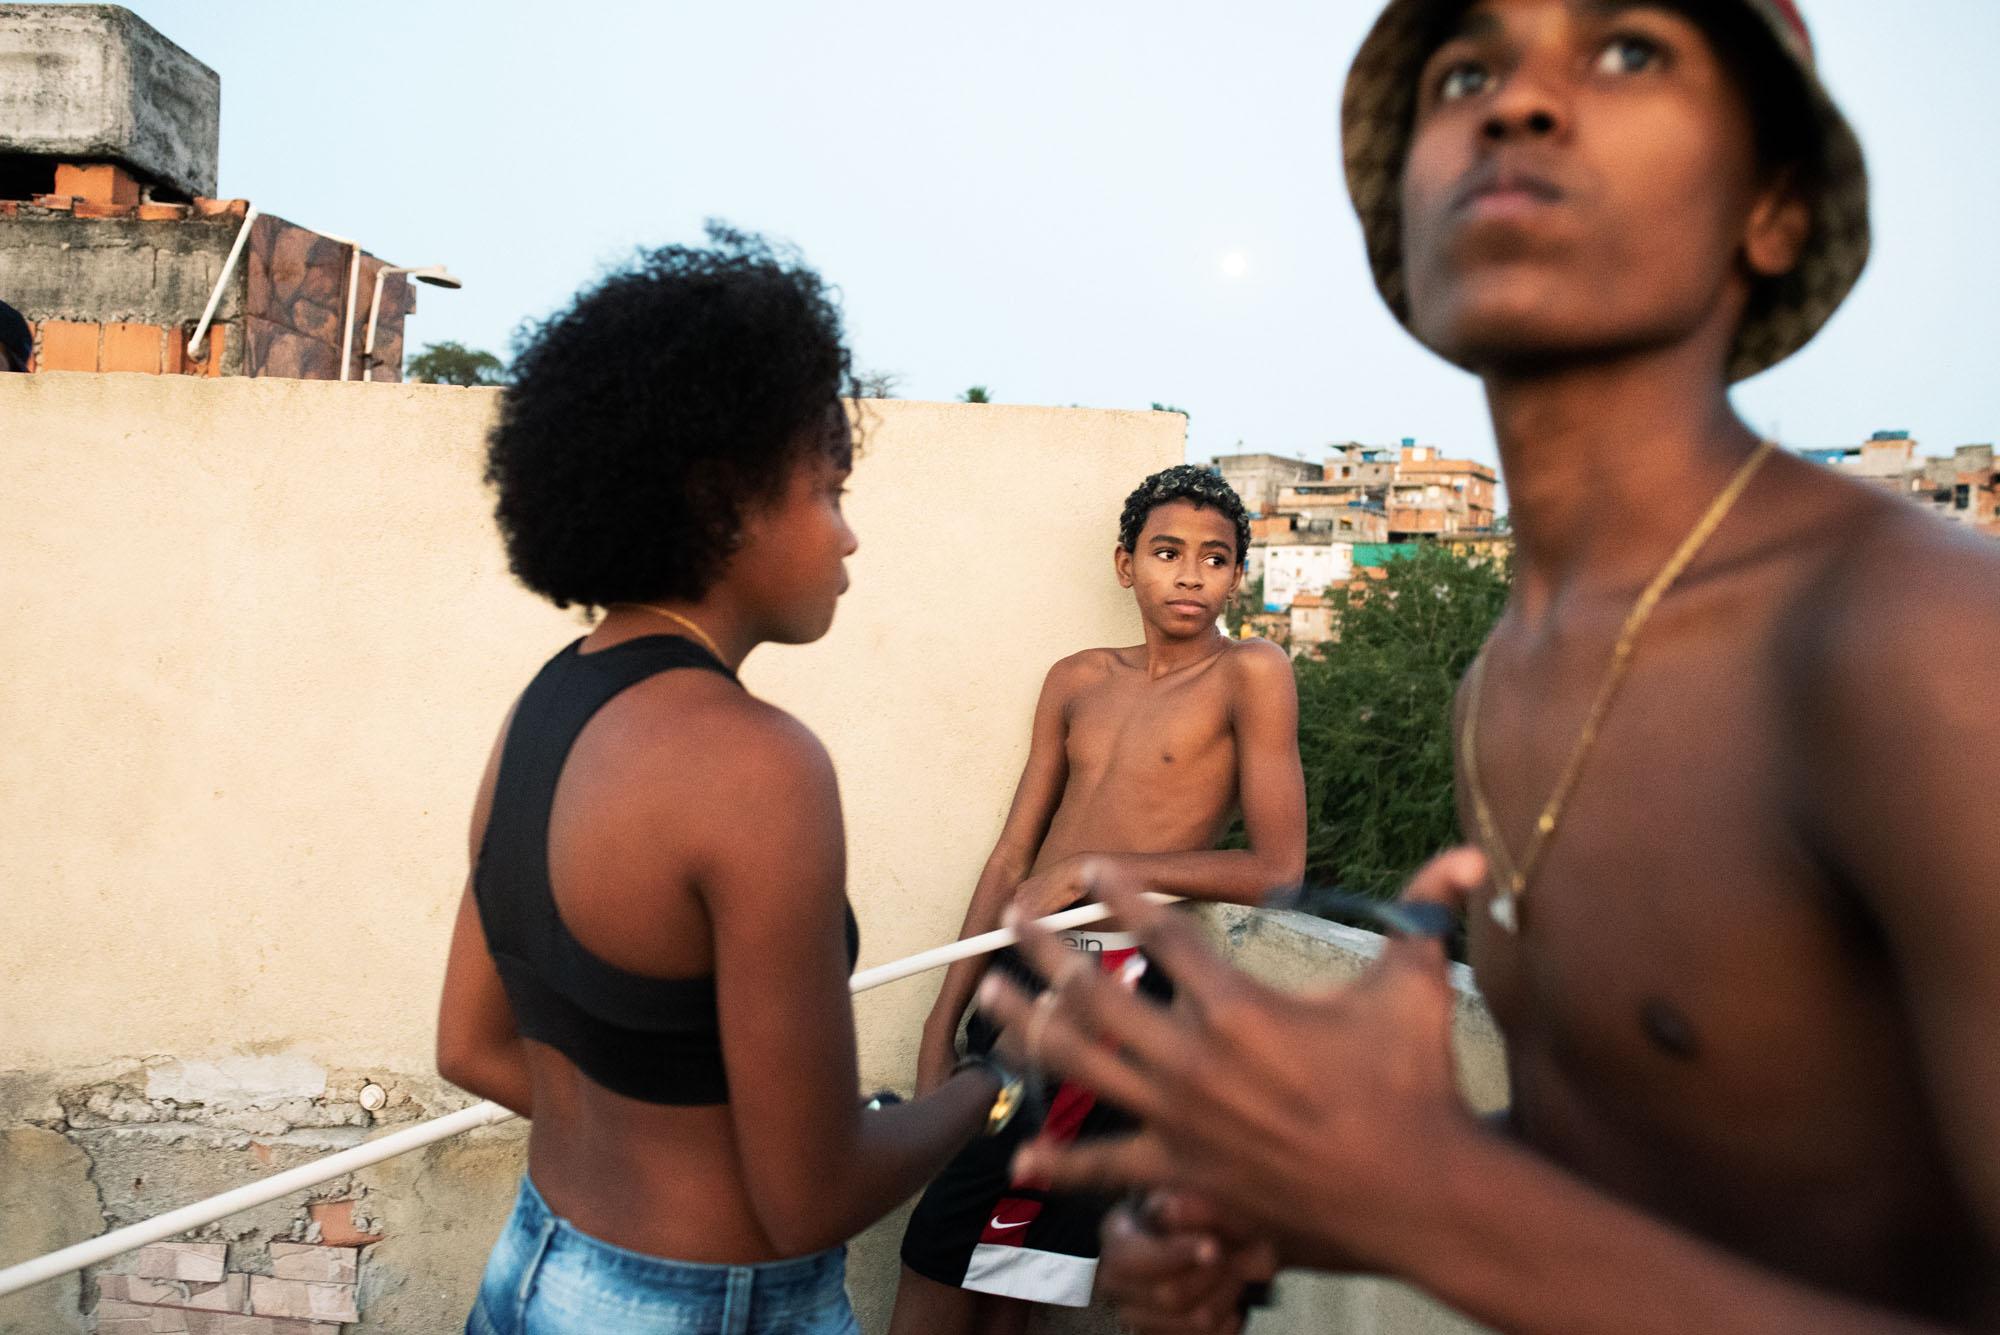 Sabine van Wechem - fotoreeks Fica Suave - Vila Cruzeiro favela - Rio de Janeiro - jongeren op straat met een brommer